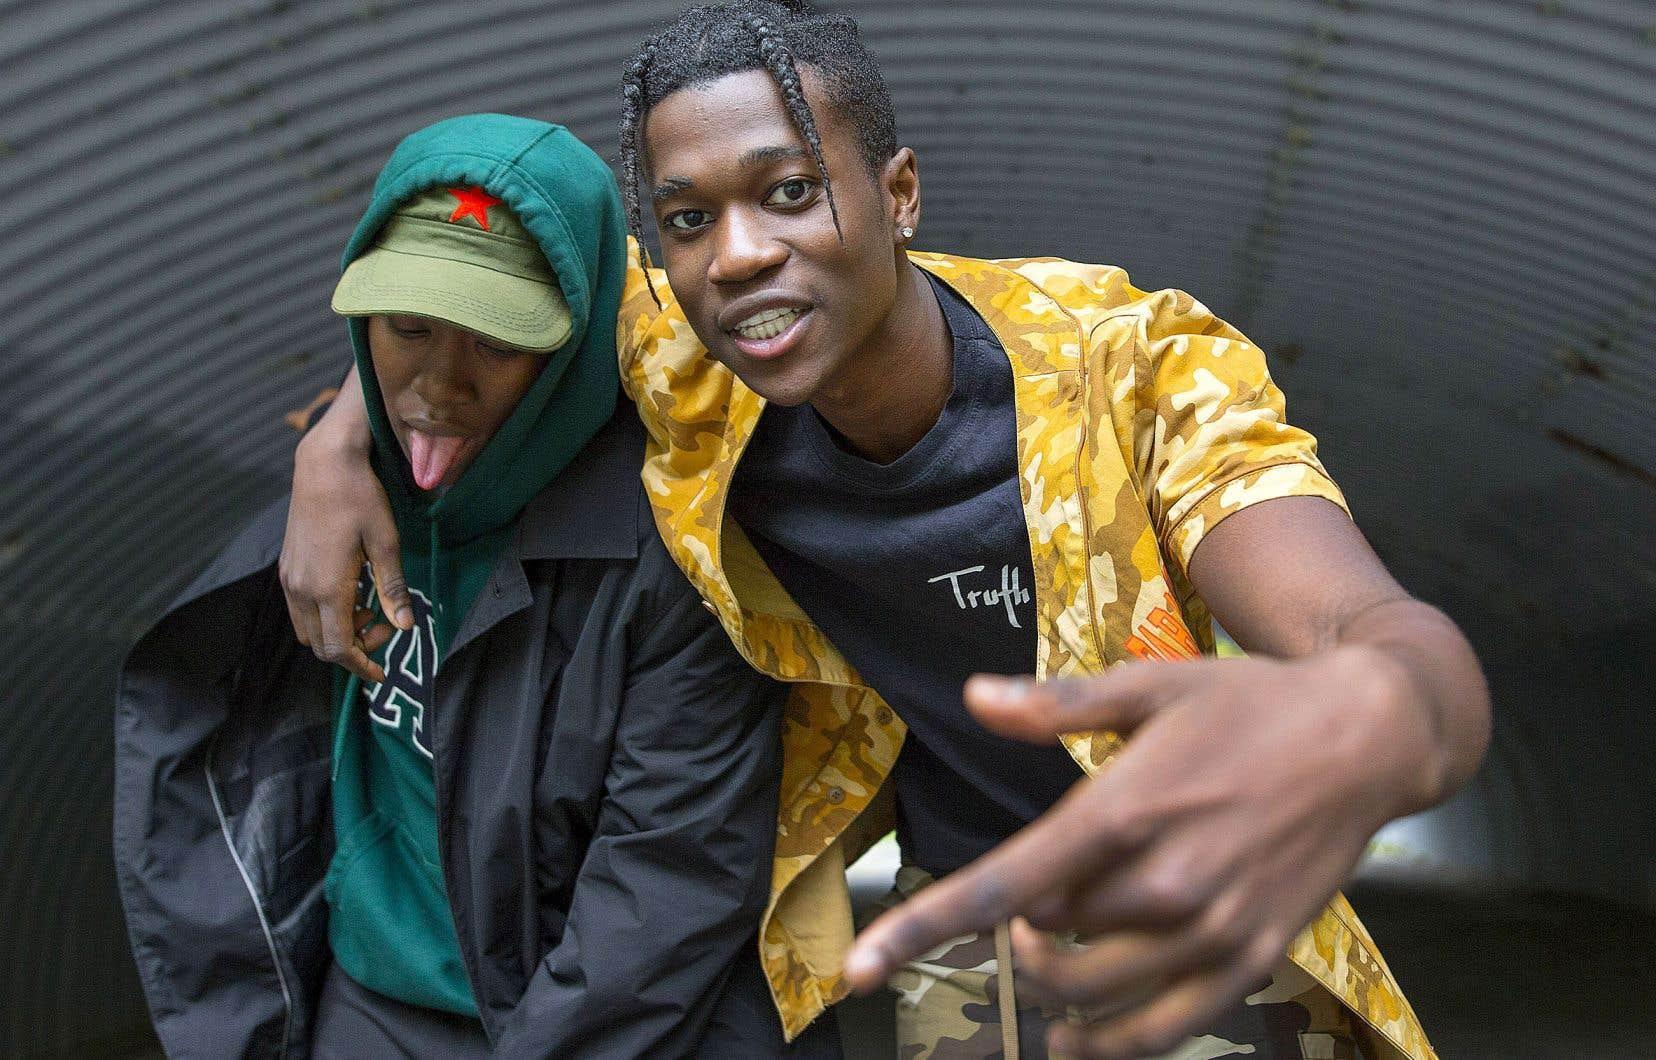 Deux rappeurs de la scène montréalaise à la langue bien pendue, Tracy et Koffee K.